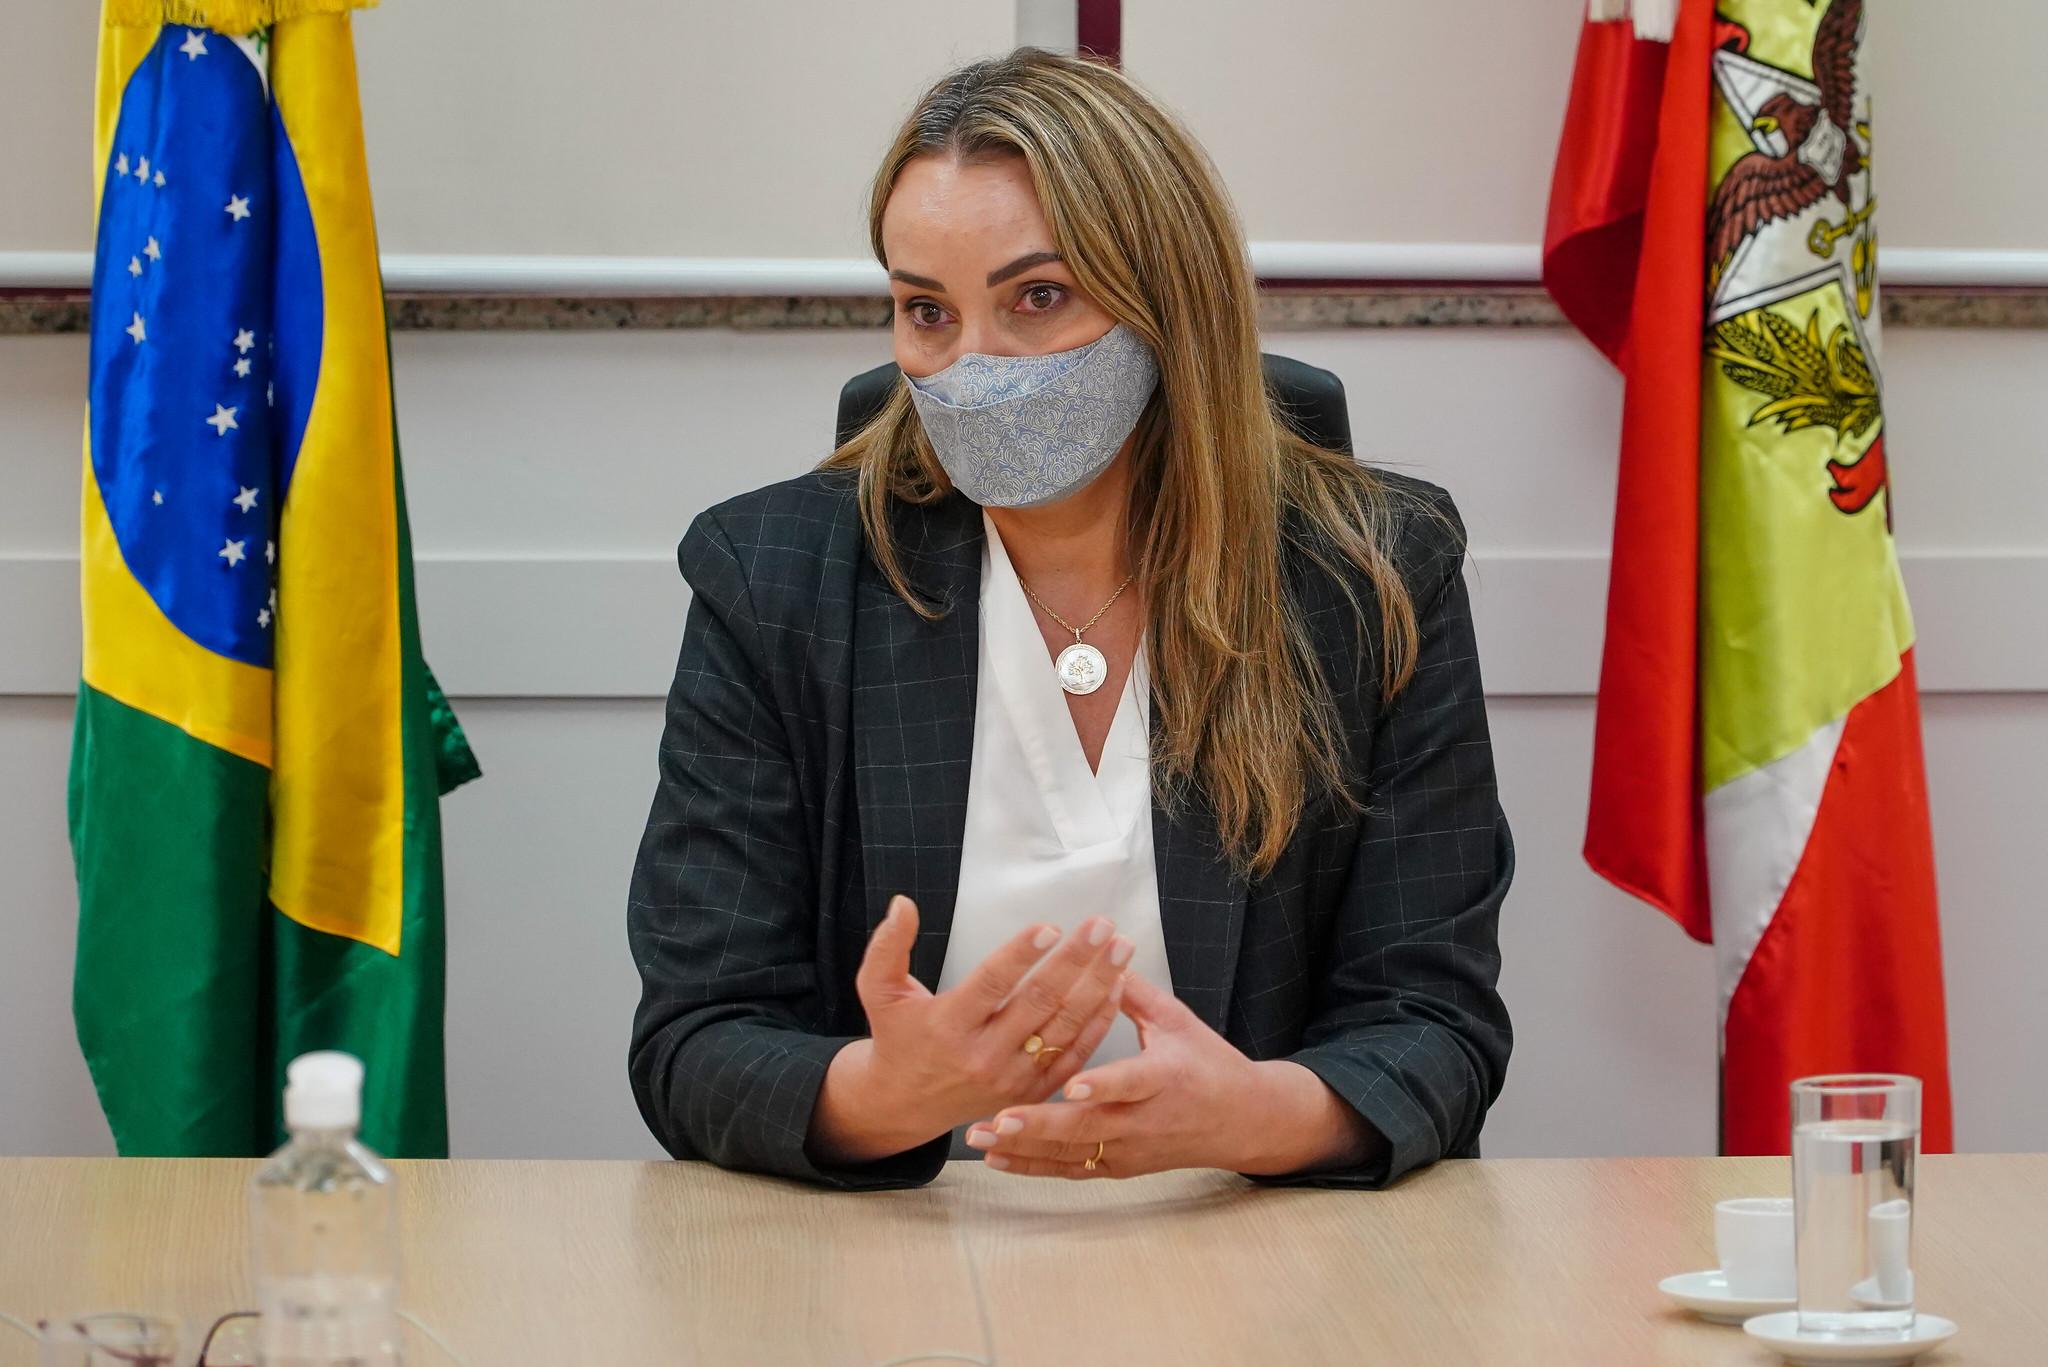 Setor de Eventos quer Trabalhar: Daniela Reinehr recebe demandas do setor de eventos e determina análise do Coes